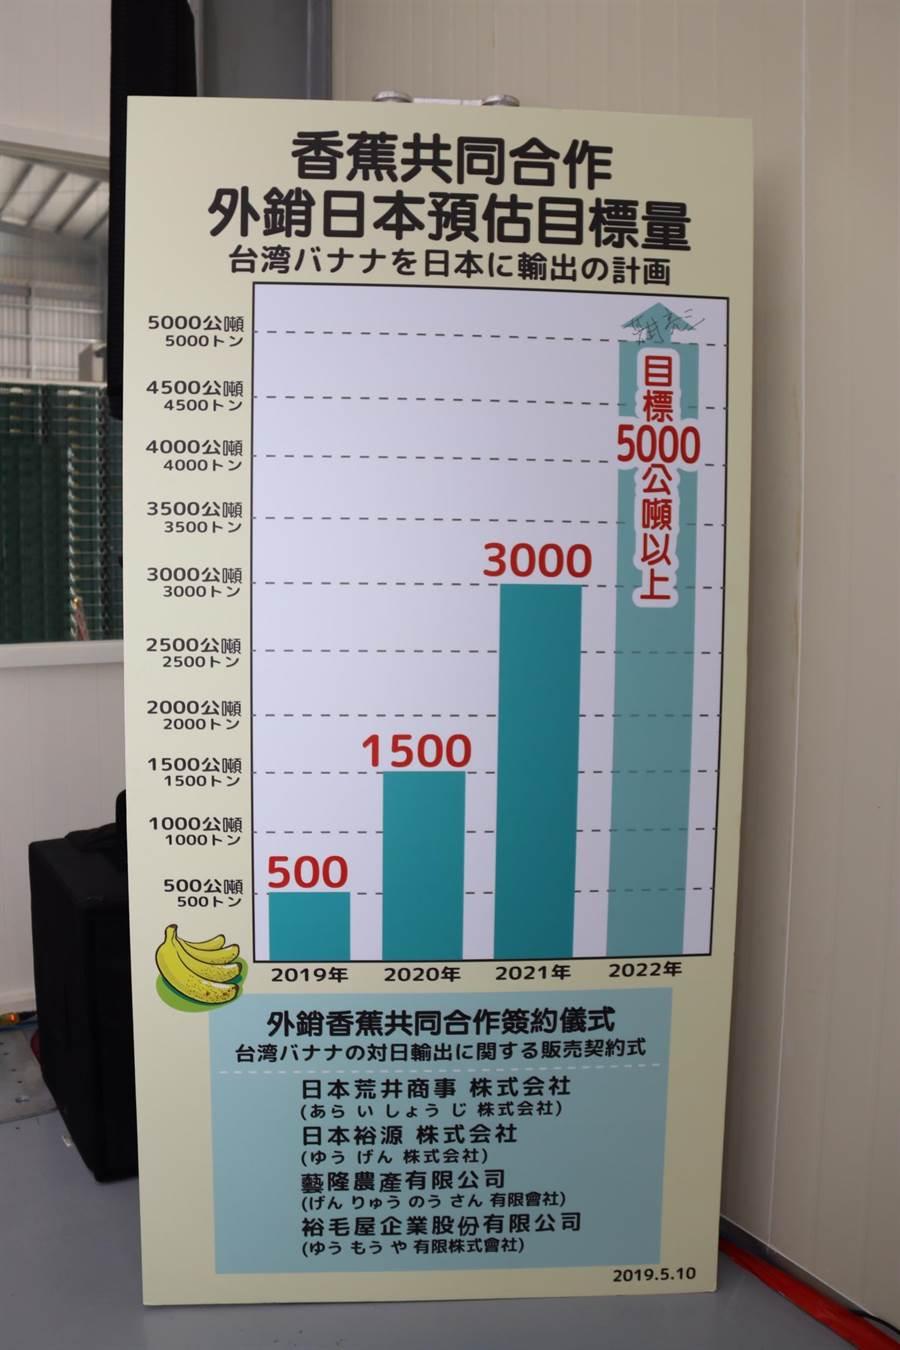 台灣裕毛屋與荒井商社簽訂的台舊銷日逐年目標。(圖/農委會提供)